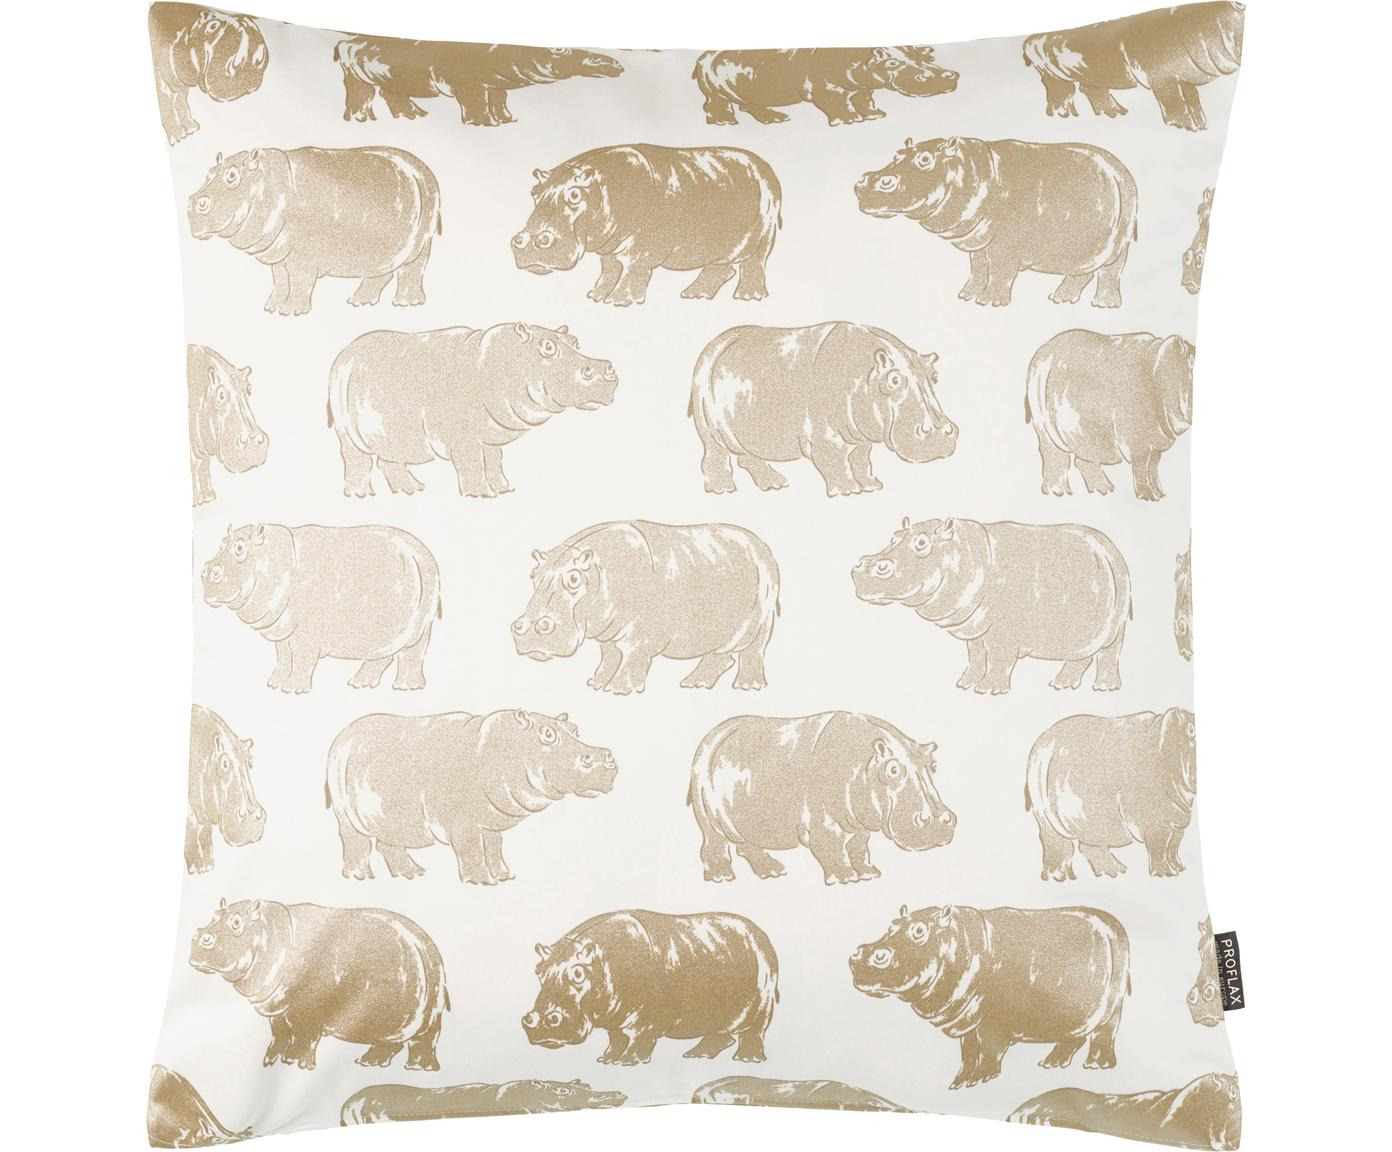 Kussenhoes Hippo met dierenprint goudkleurig/crèmekleurig, Katoen, Wit, goudkleurig, 40 x 40 cm